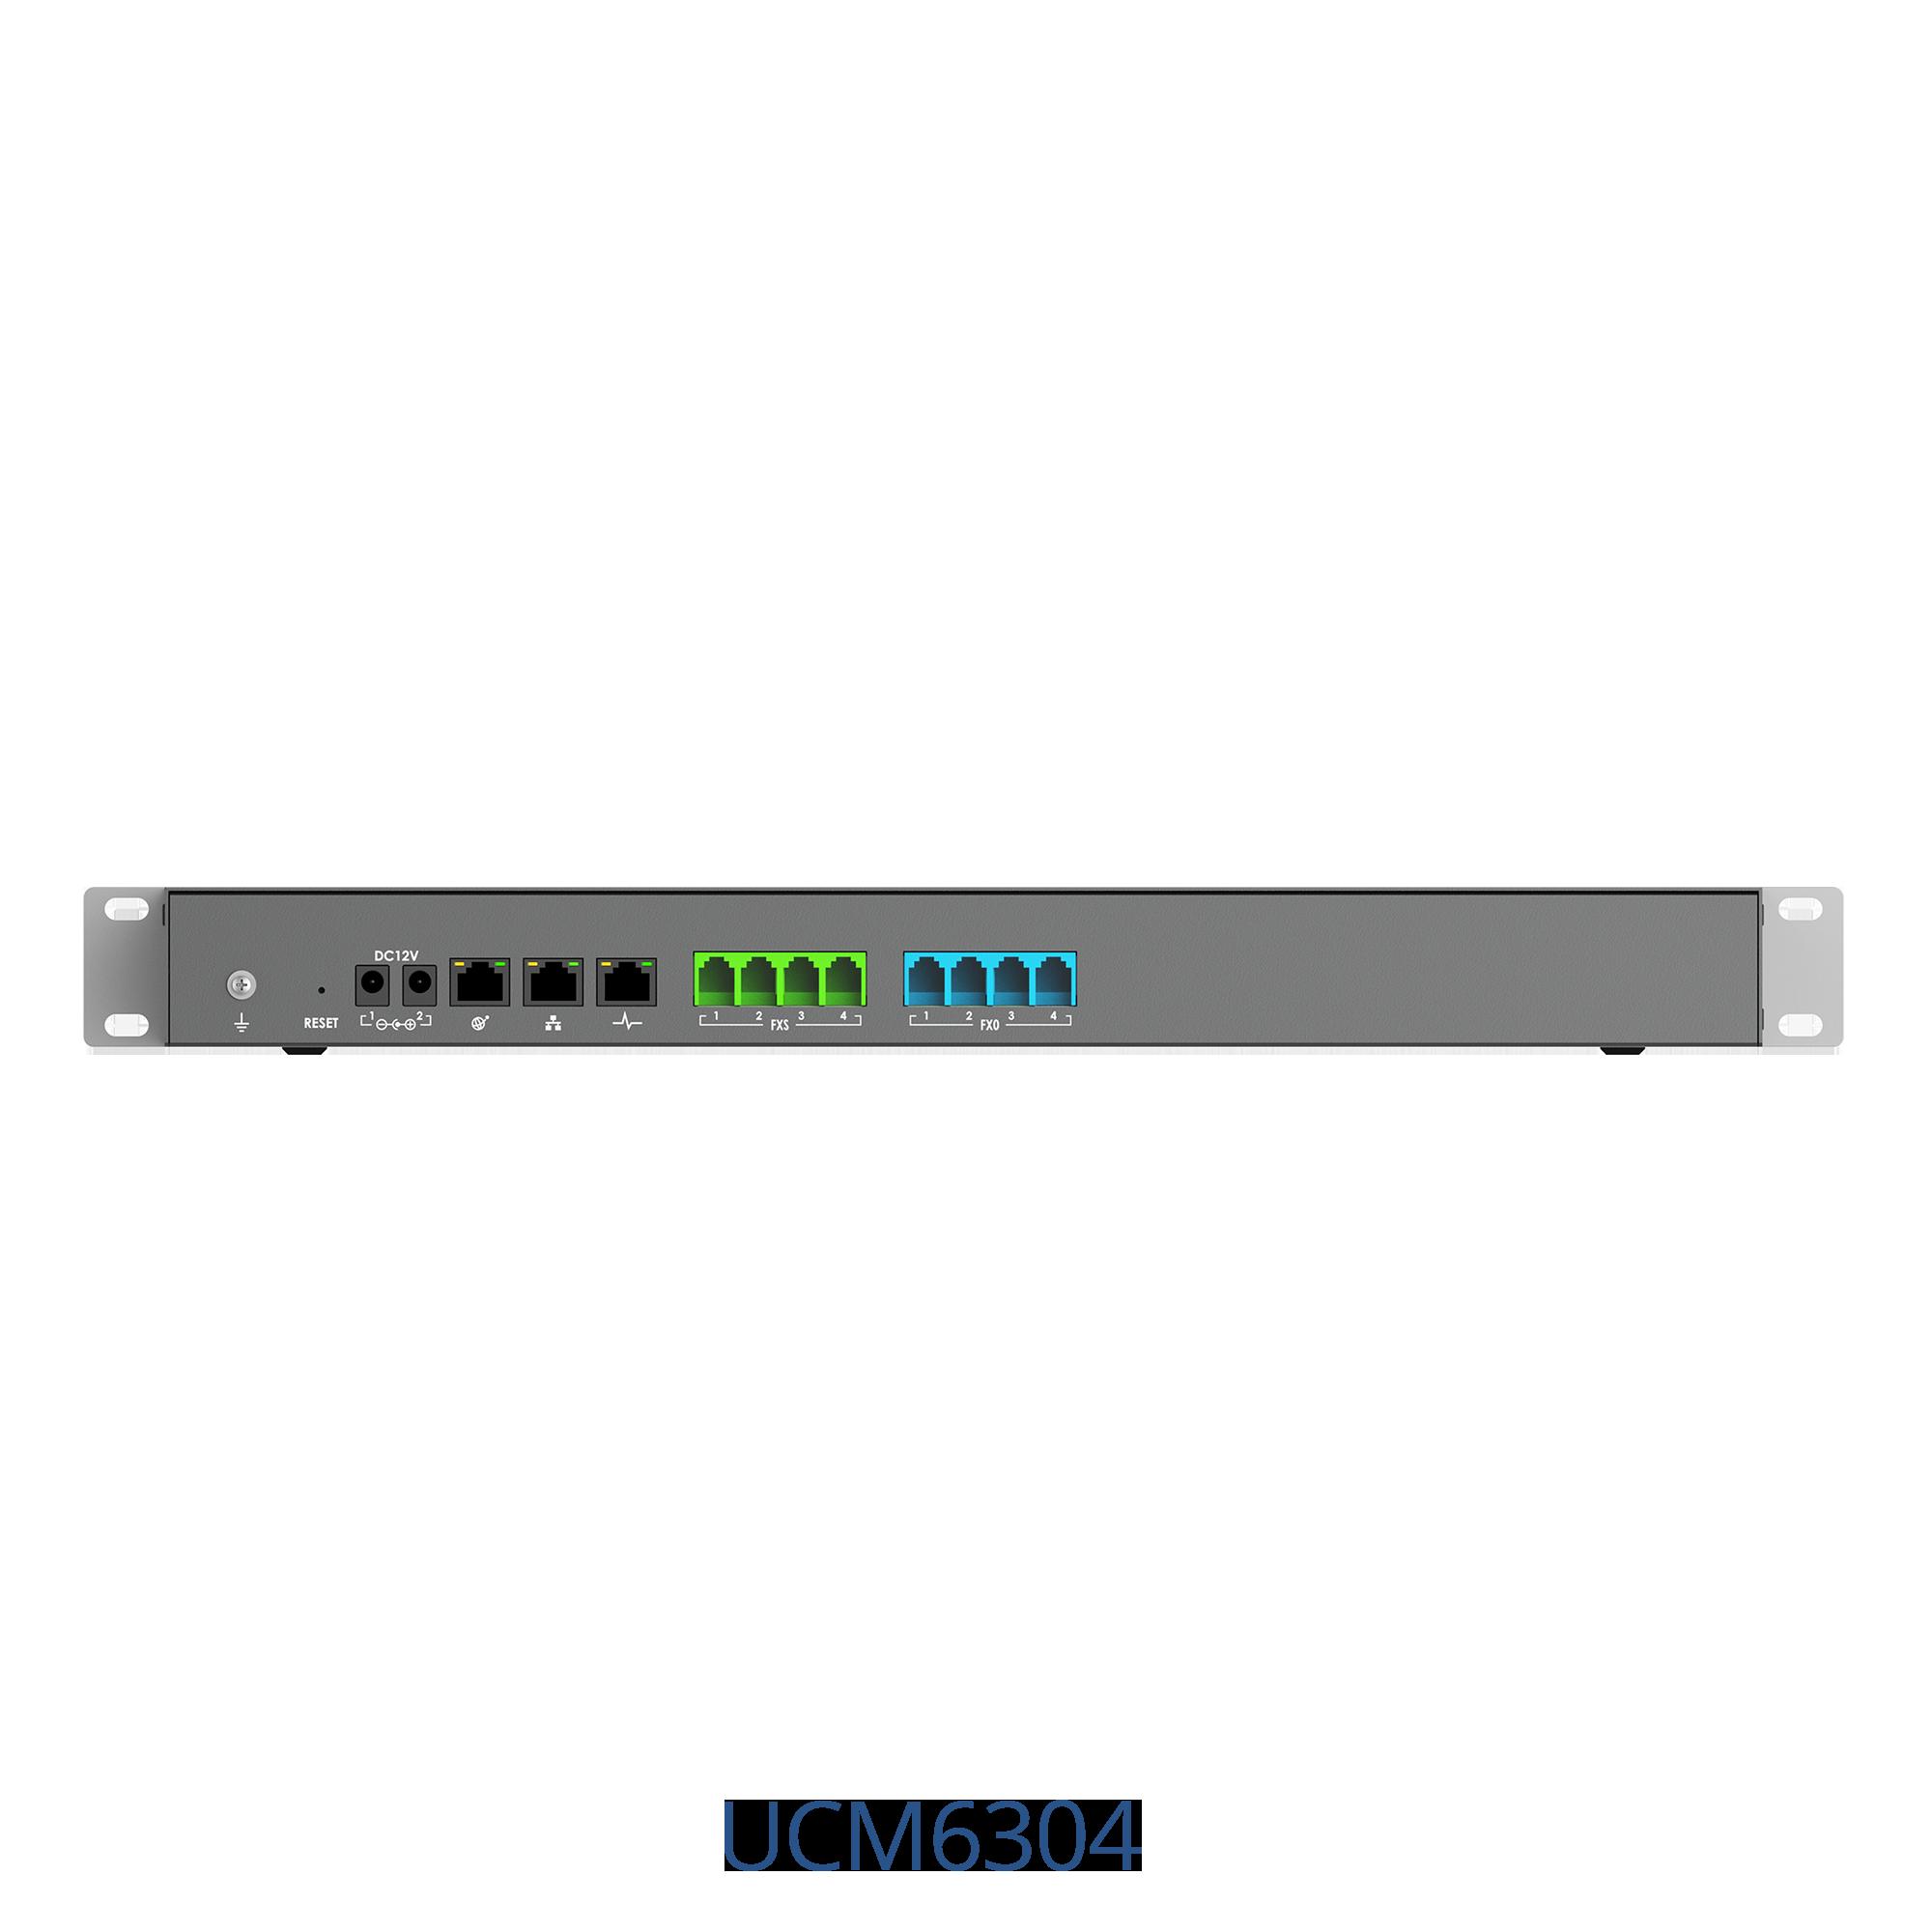 UCM6304_back